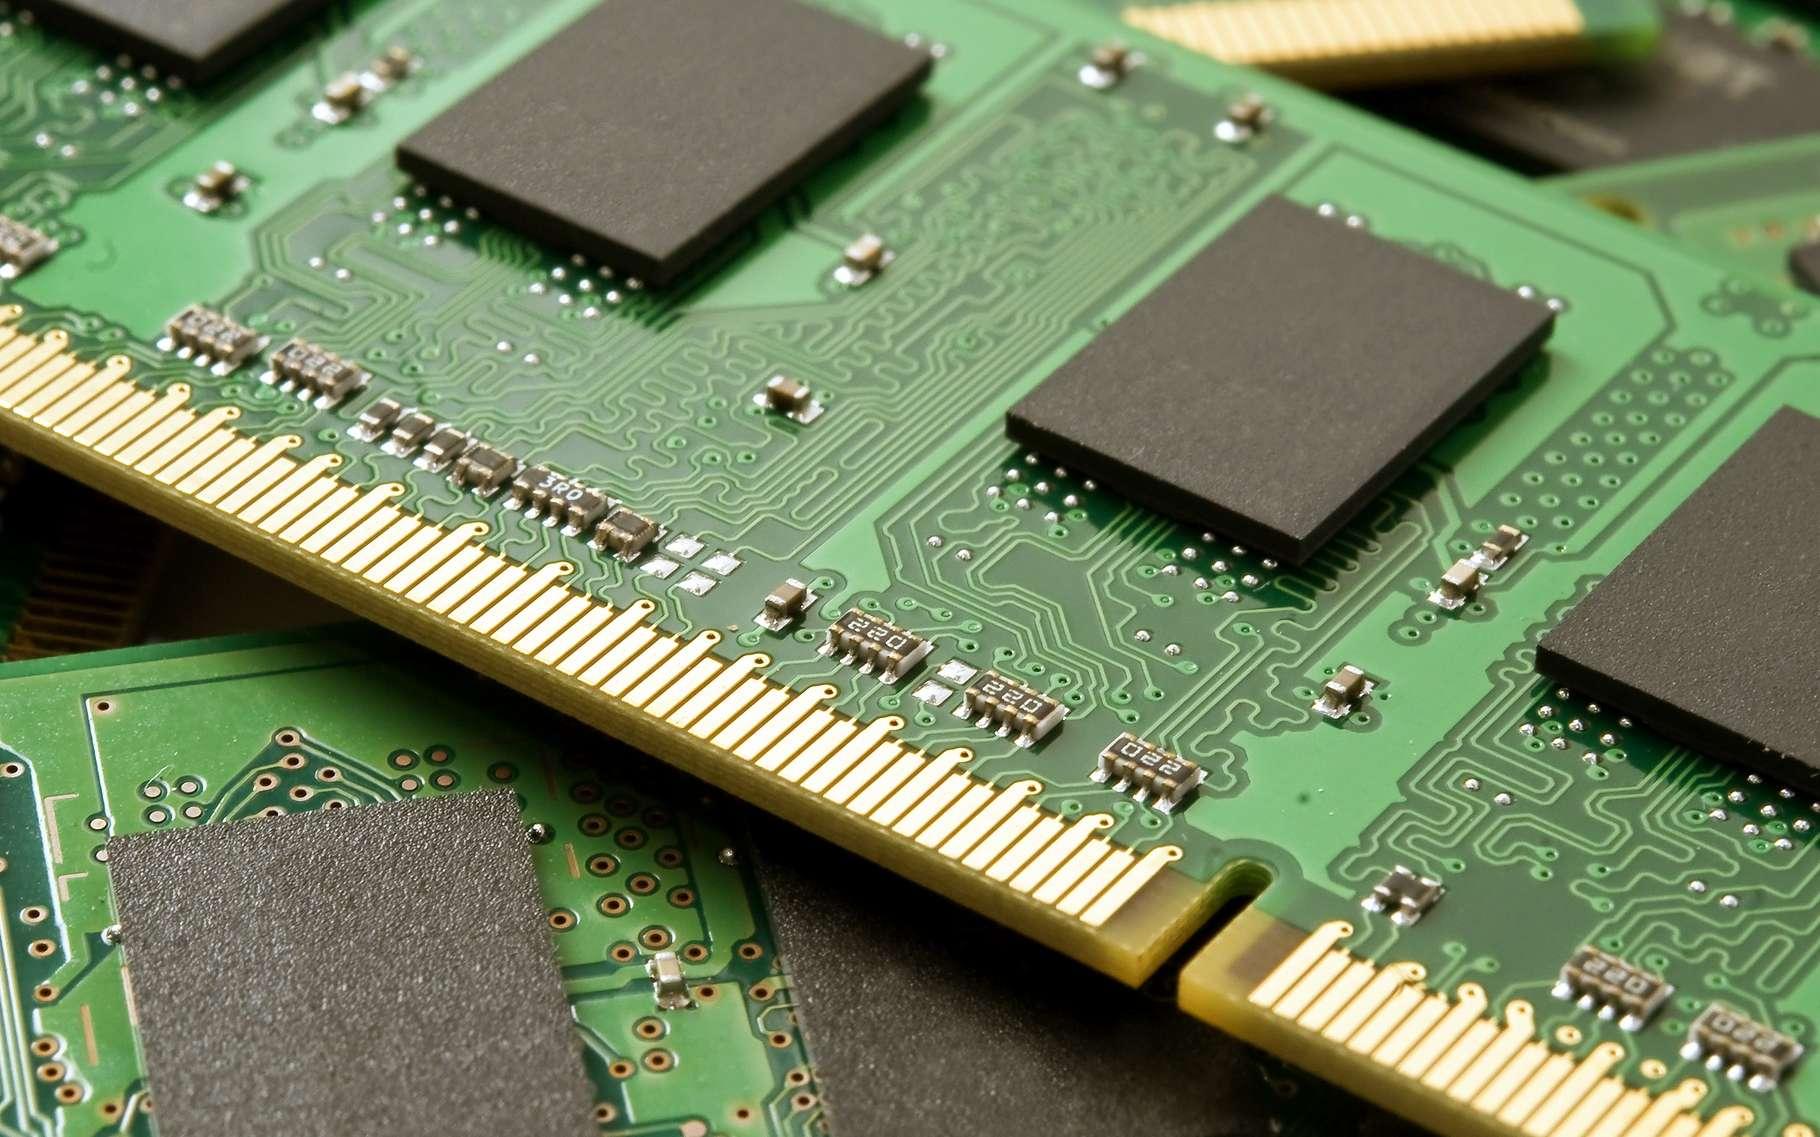 L'évolution de la mémoire vive dynamique a accompagné les progrès de l'informatique à partir des années 1990. © Mark Schwettmann, Shutterstock